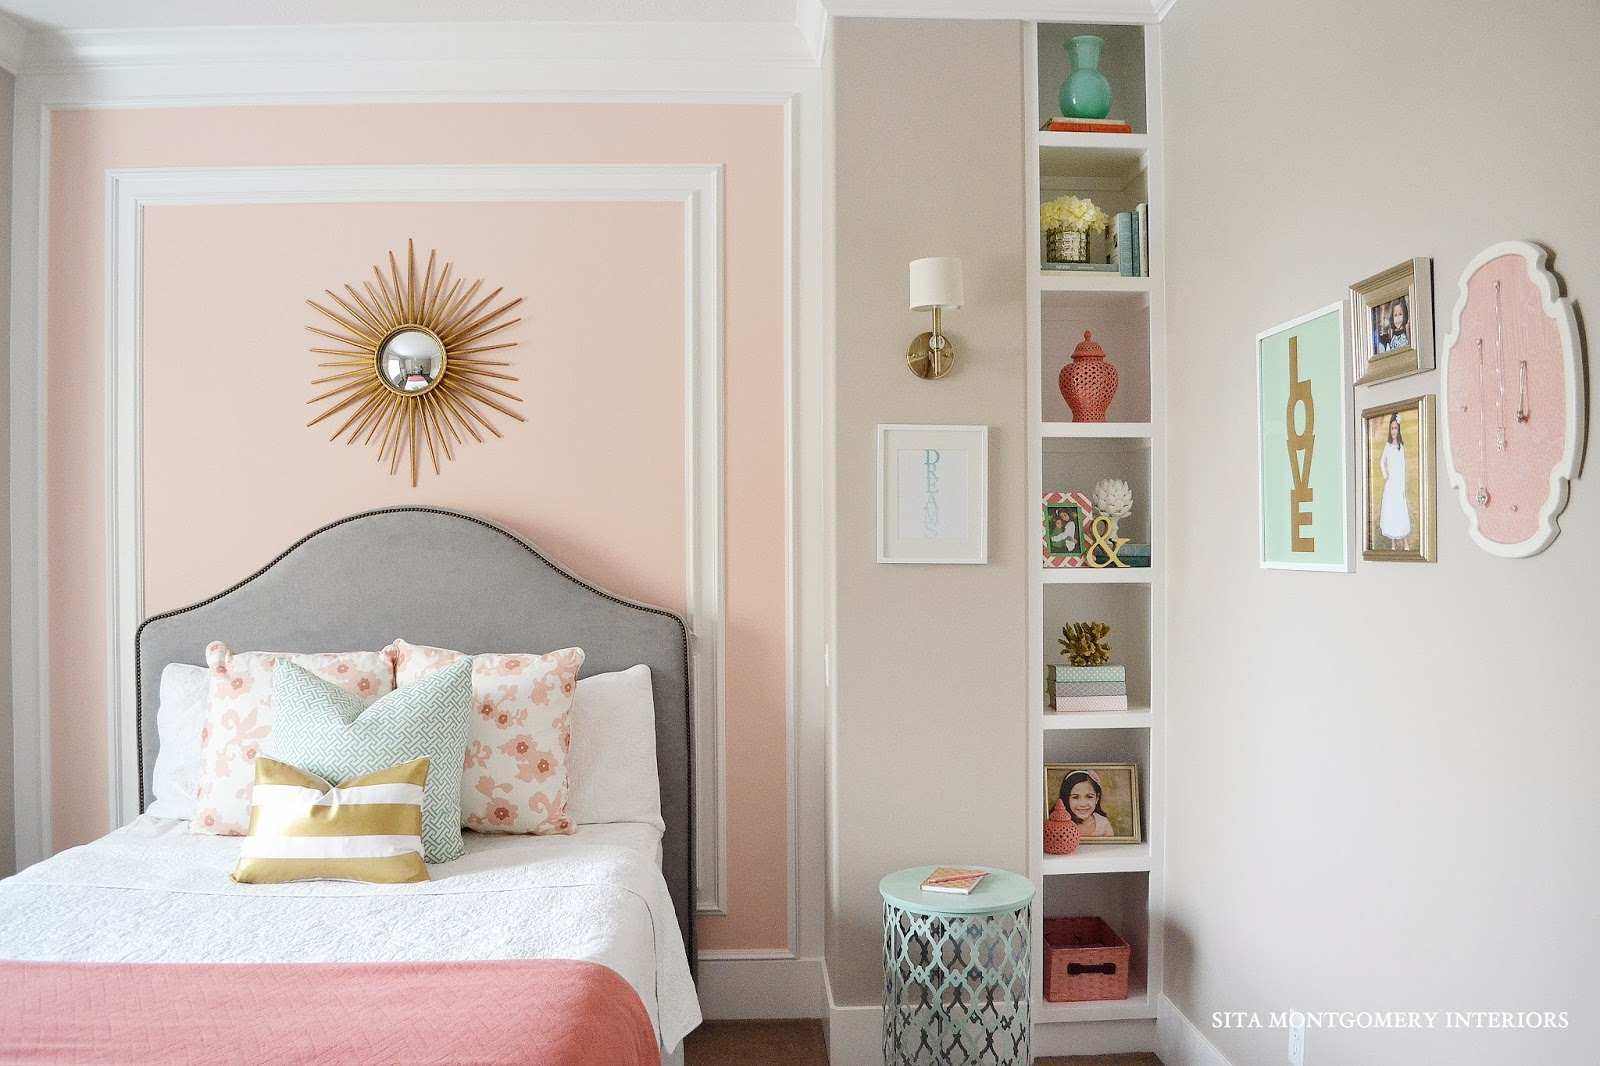 Sita Montgomery Interiors: My Home: Tween Bedroom Reveal